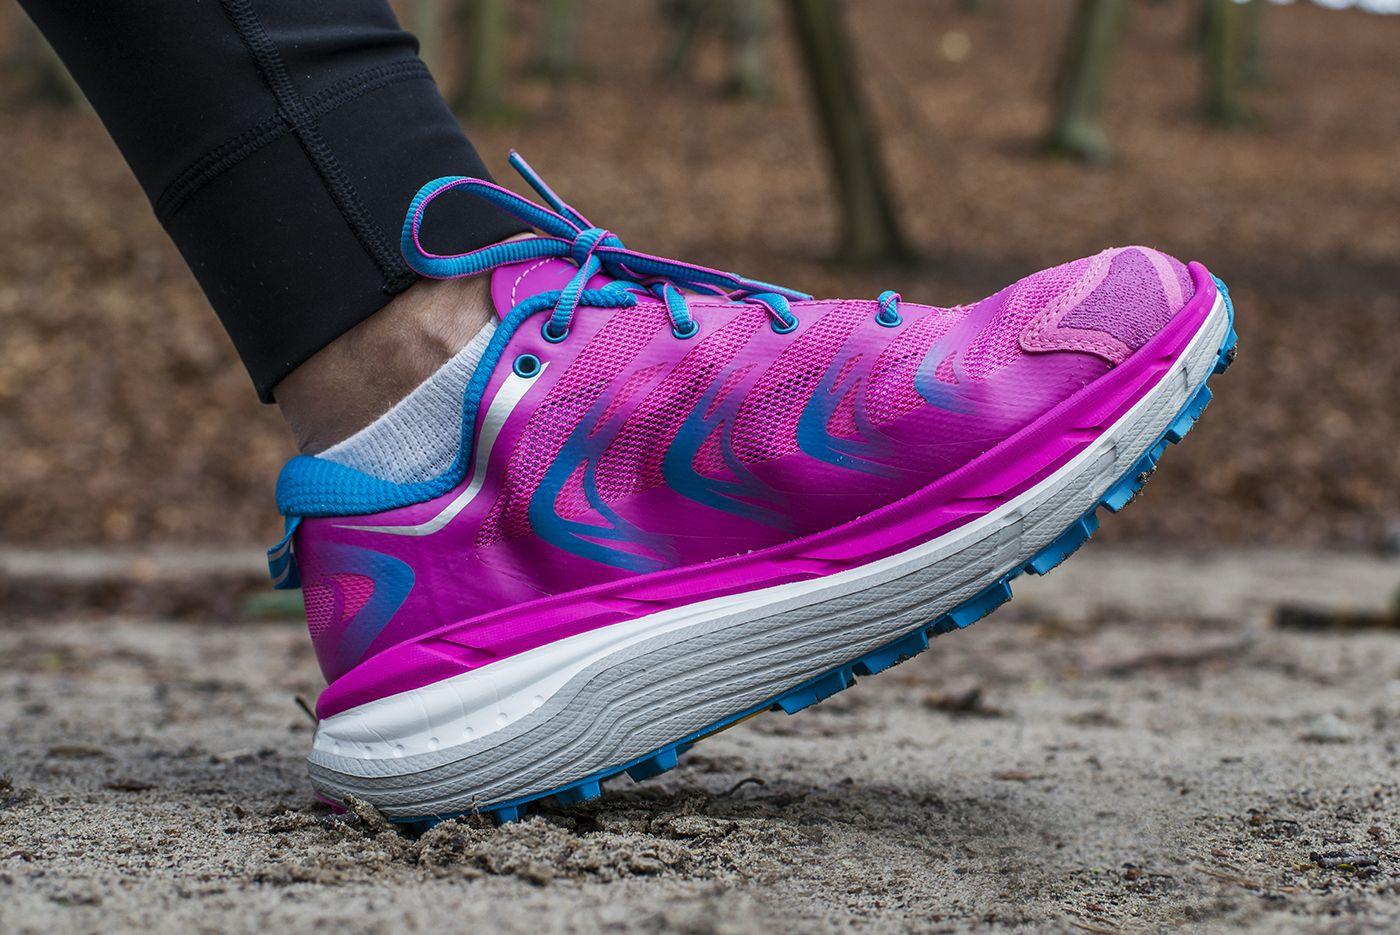 Hoka One One Speedgoat W Nowej Odslonie Dostepne Takze W Wersji Damskiej Lekkie Z Duza Dawka Amortyzacji A 5 M Hoka Running Shoes Running Shoes Sneakers